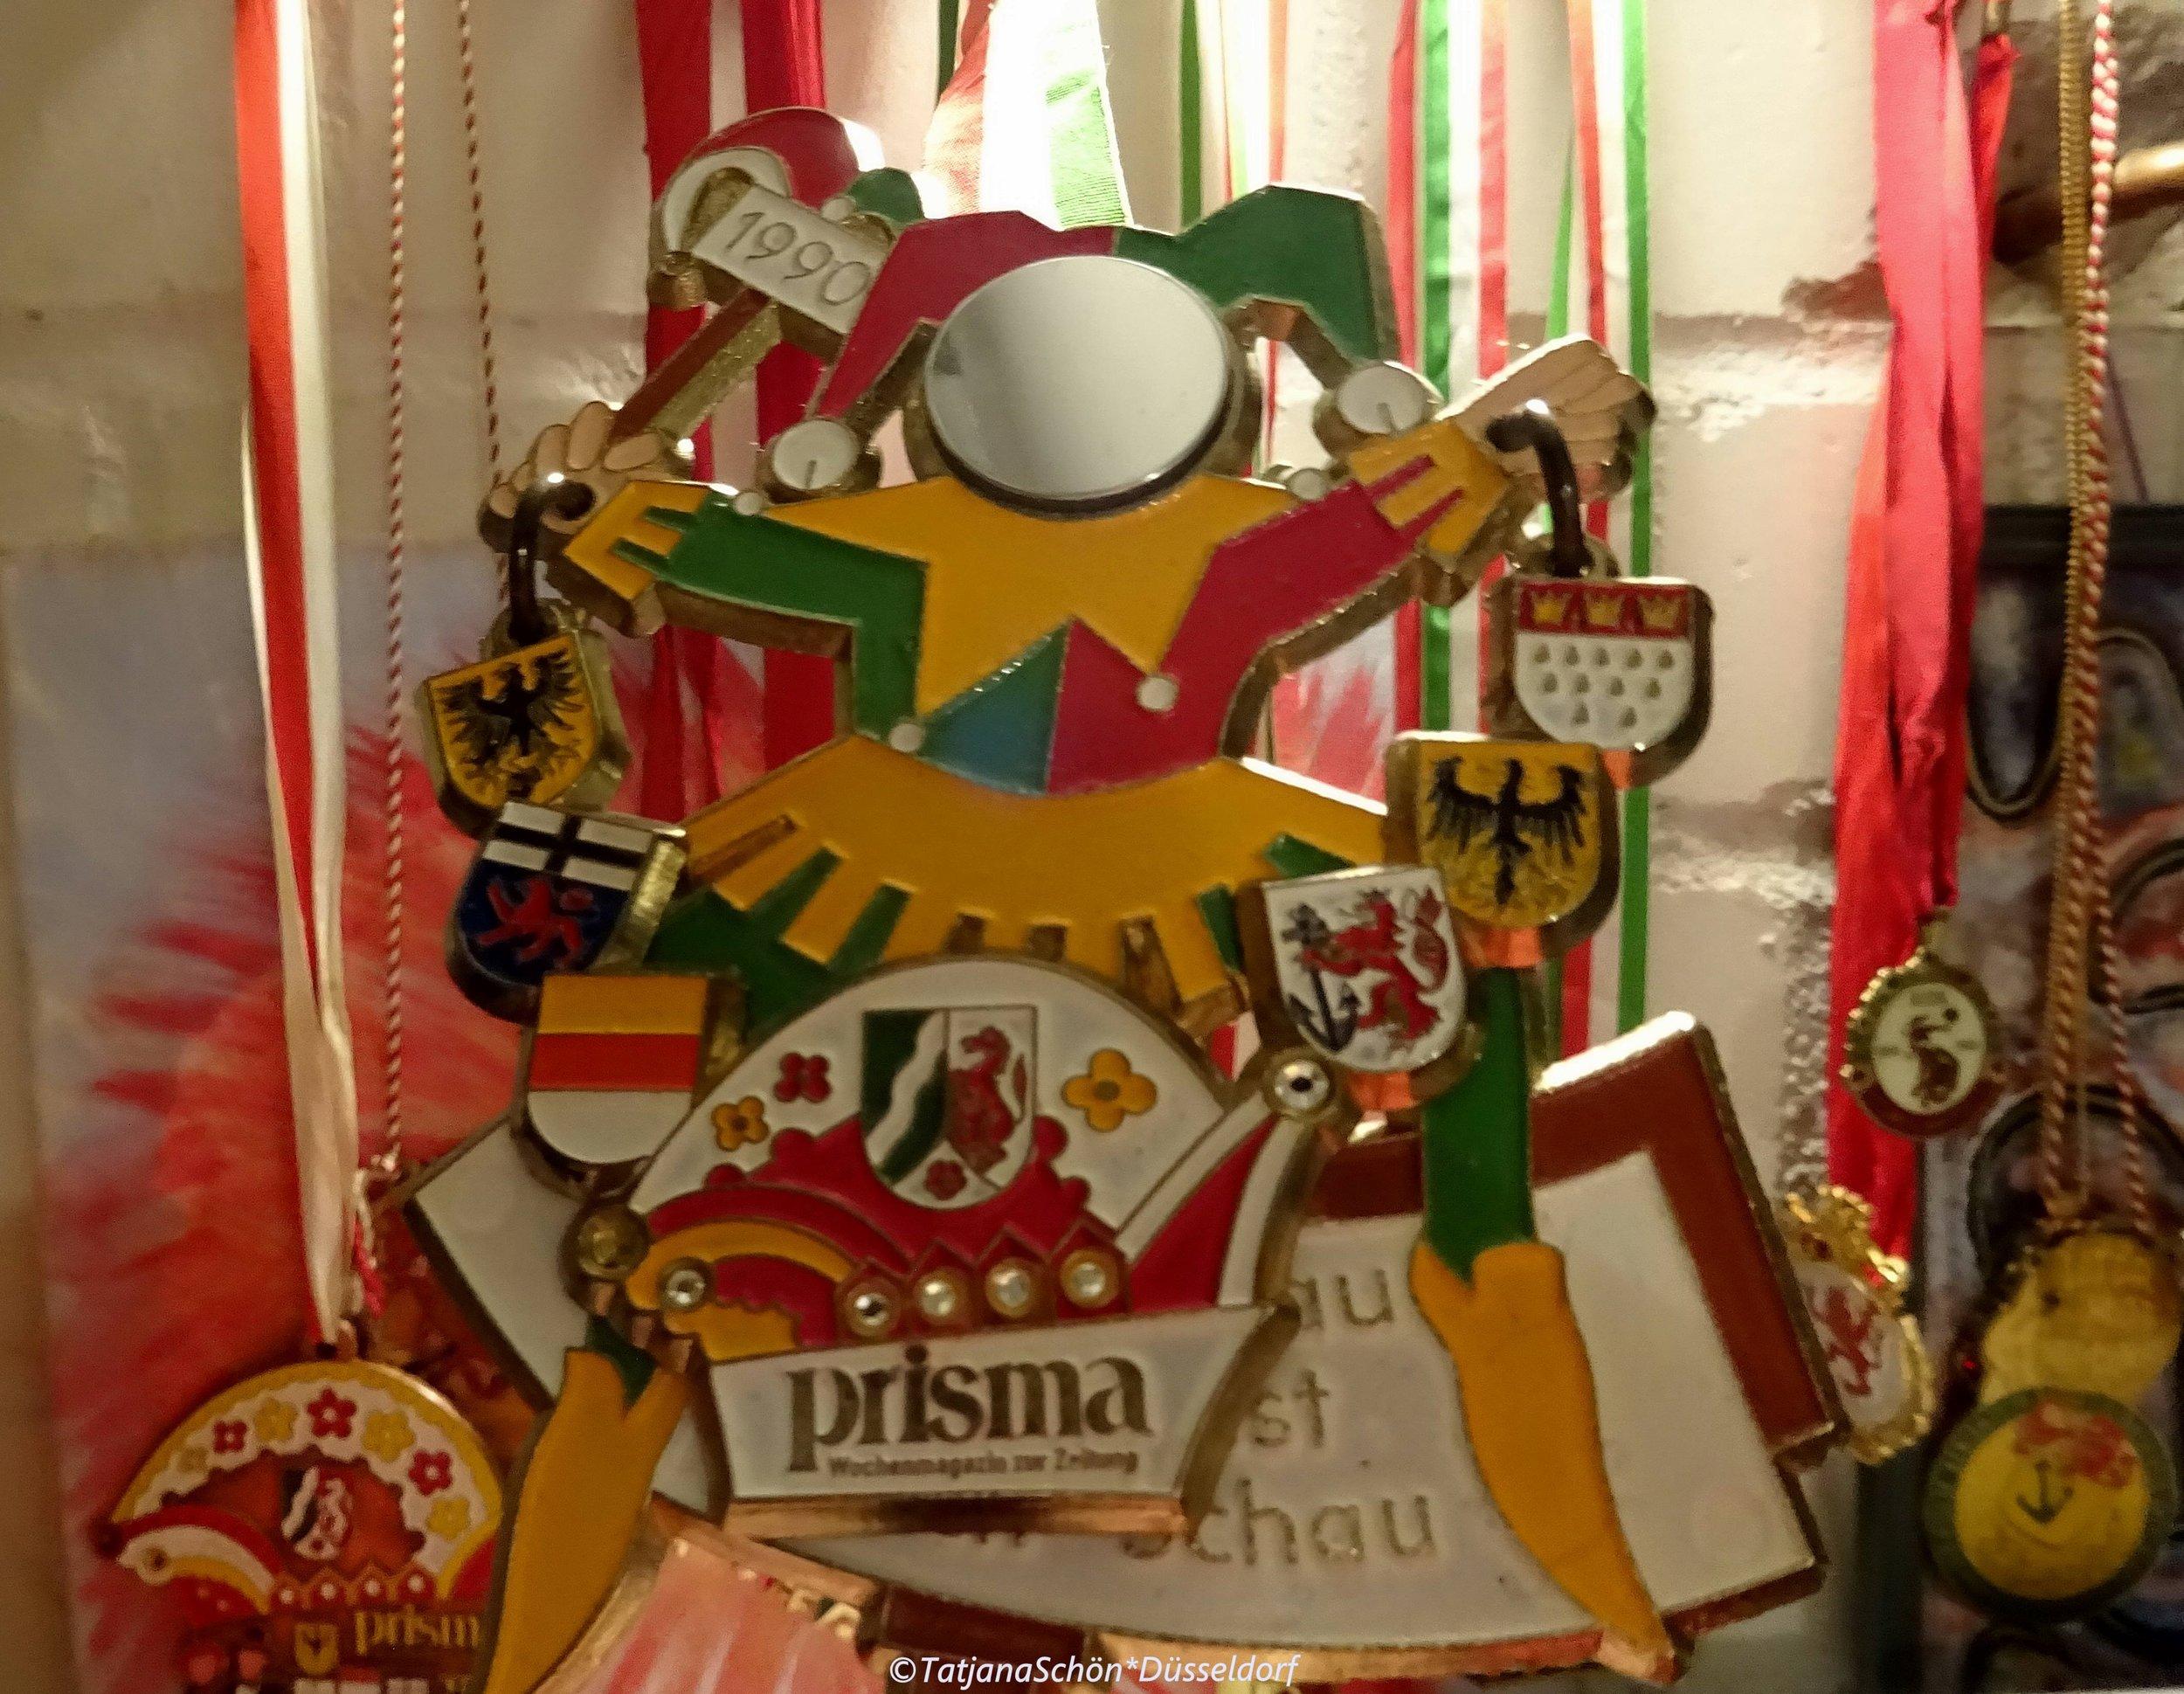 Телевизионно-журнальный карнавальный орден 1990 года - из частной (всё той же) коллекции. Дорог мне тем, что он того же года, как и моя немецкая жизнь.